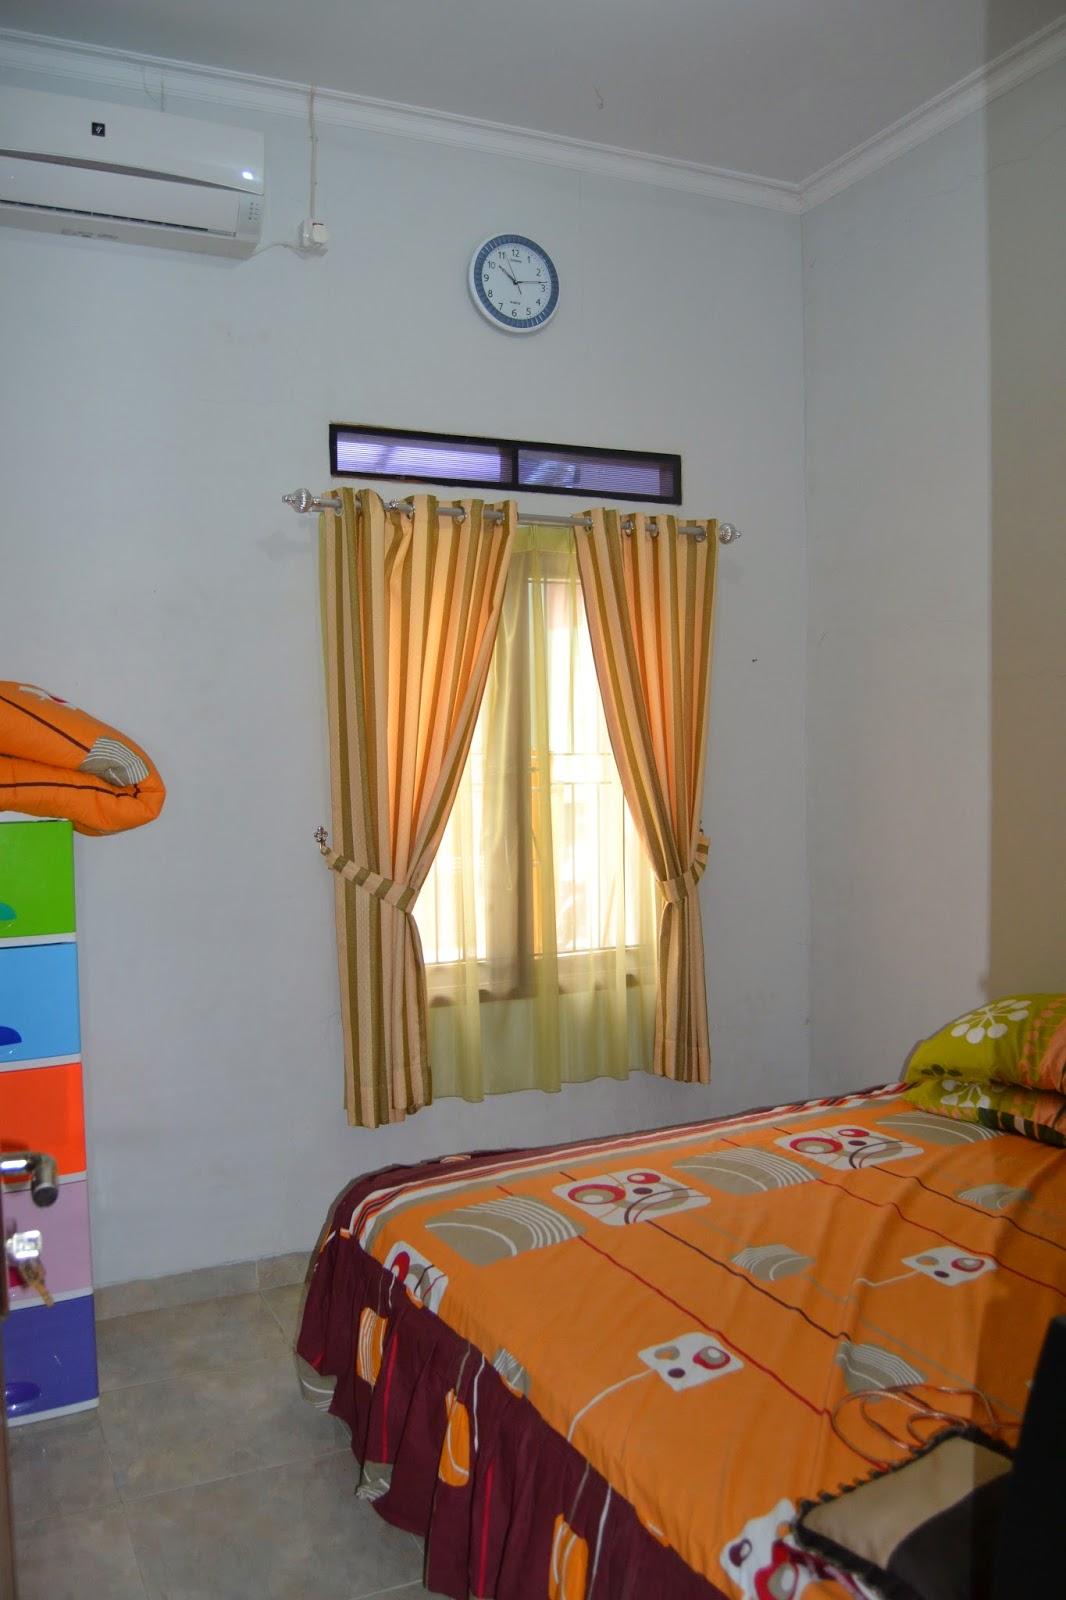 Rumah disewakan di Gintung Tanjung Barat Jakarta Selatan 4 - Hub Asdianawaty 081314851327